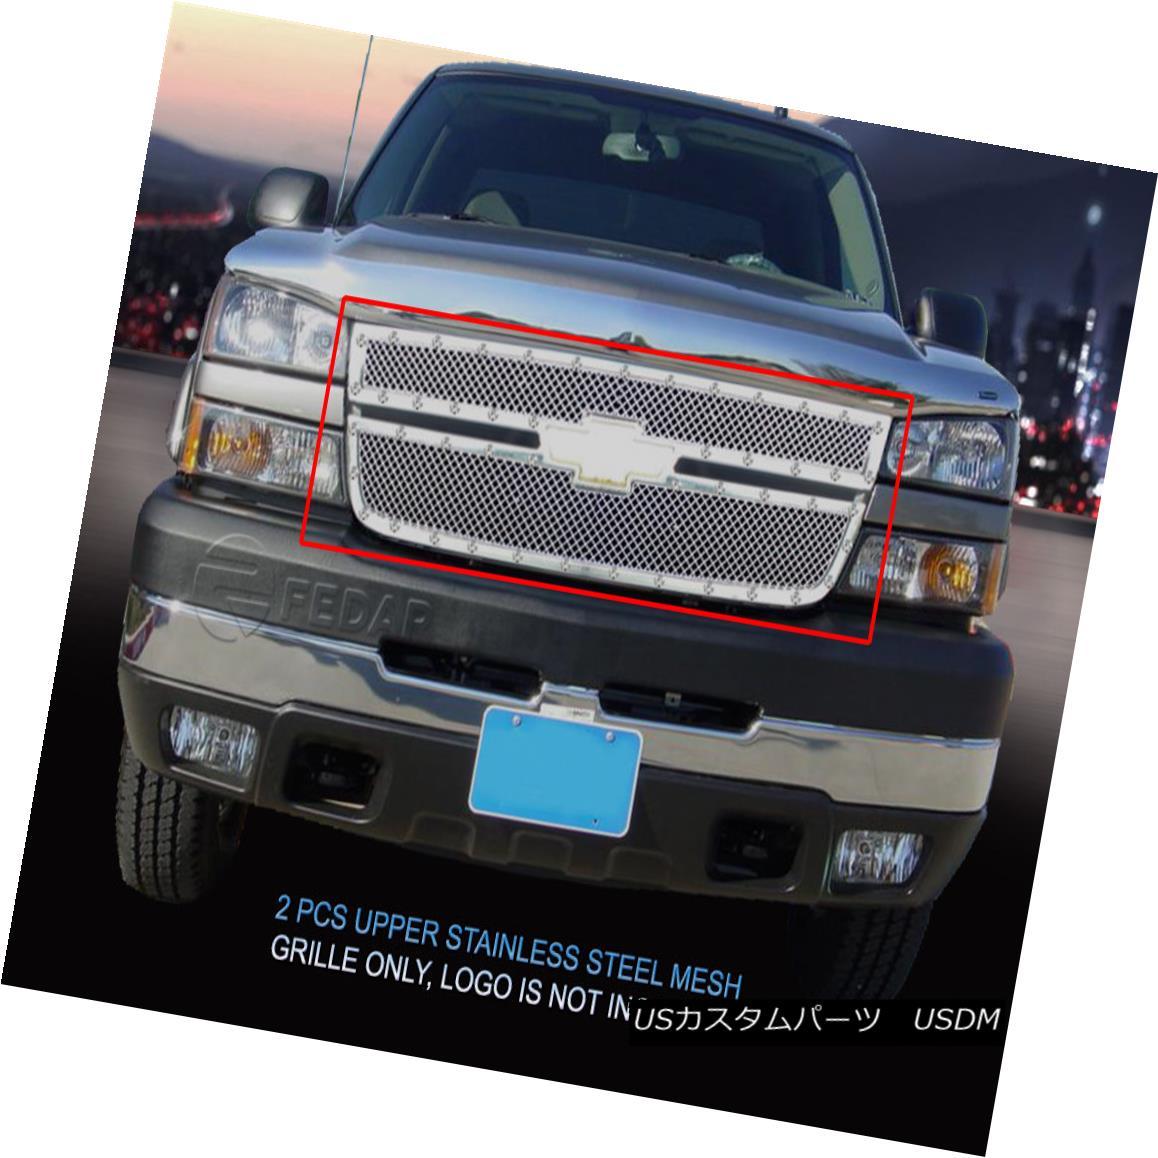 グリル Fedar Fits 05-07 Chevy Silverado 1500/1500HD/2500HD/3500 Rivet Mesh Grille Fedar Fits 05-07 Chevy Silverado 1500 / 1500HD / 25 00HD / 3500リベットメッシュグリル